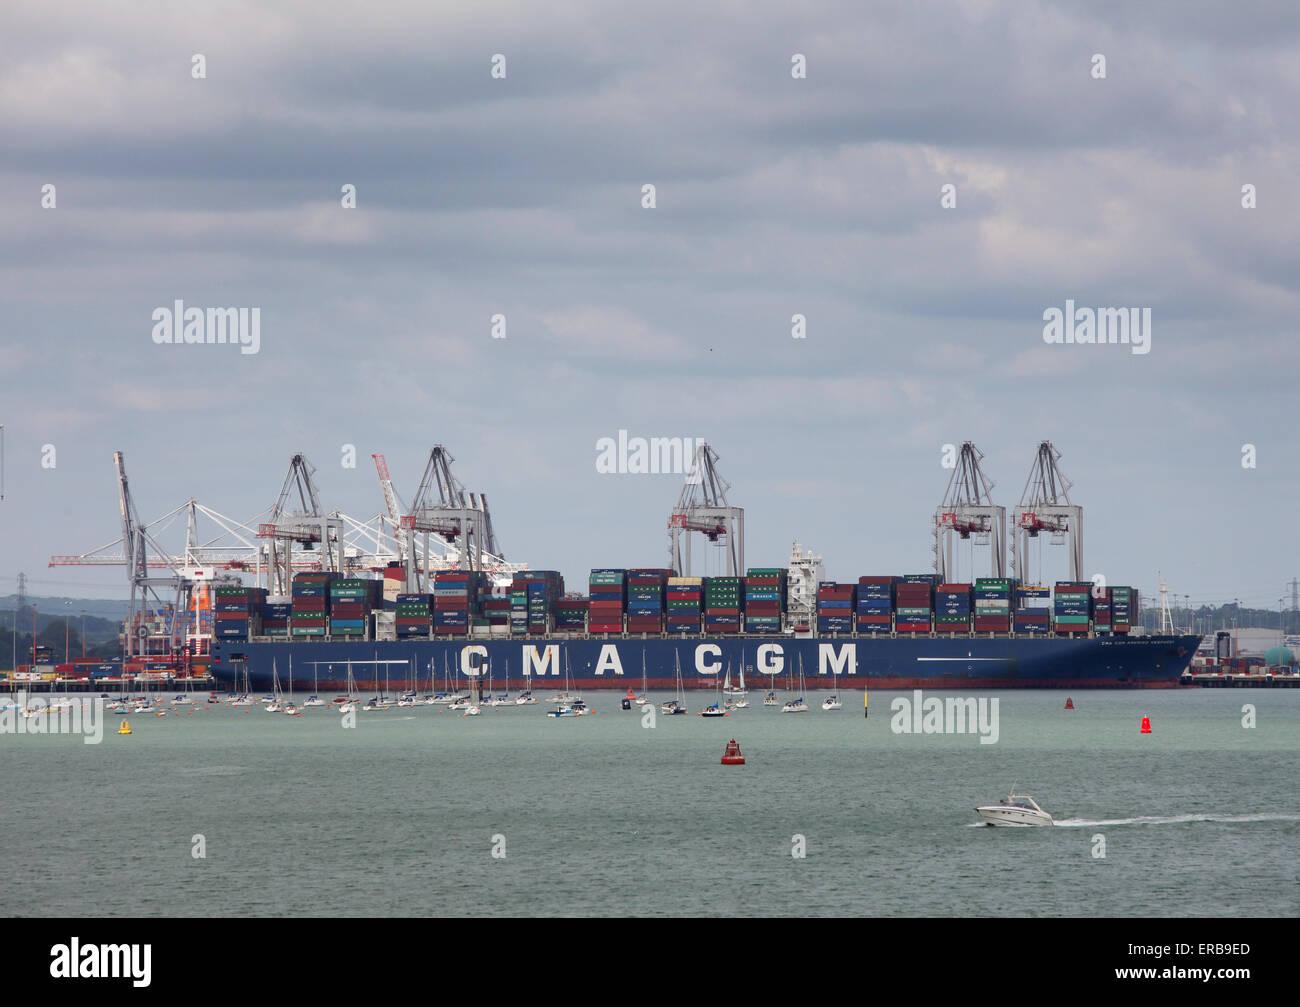 Container ship CMA CGM Amerigo Vespucci pictured in Southampton Docks Container Port - Stock Image